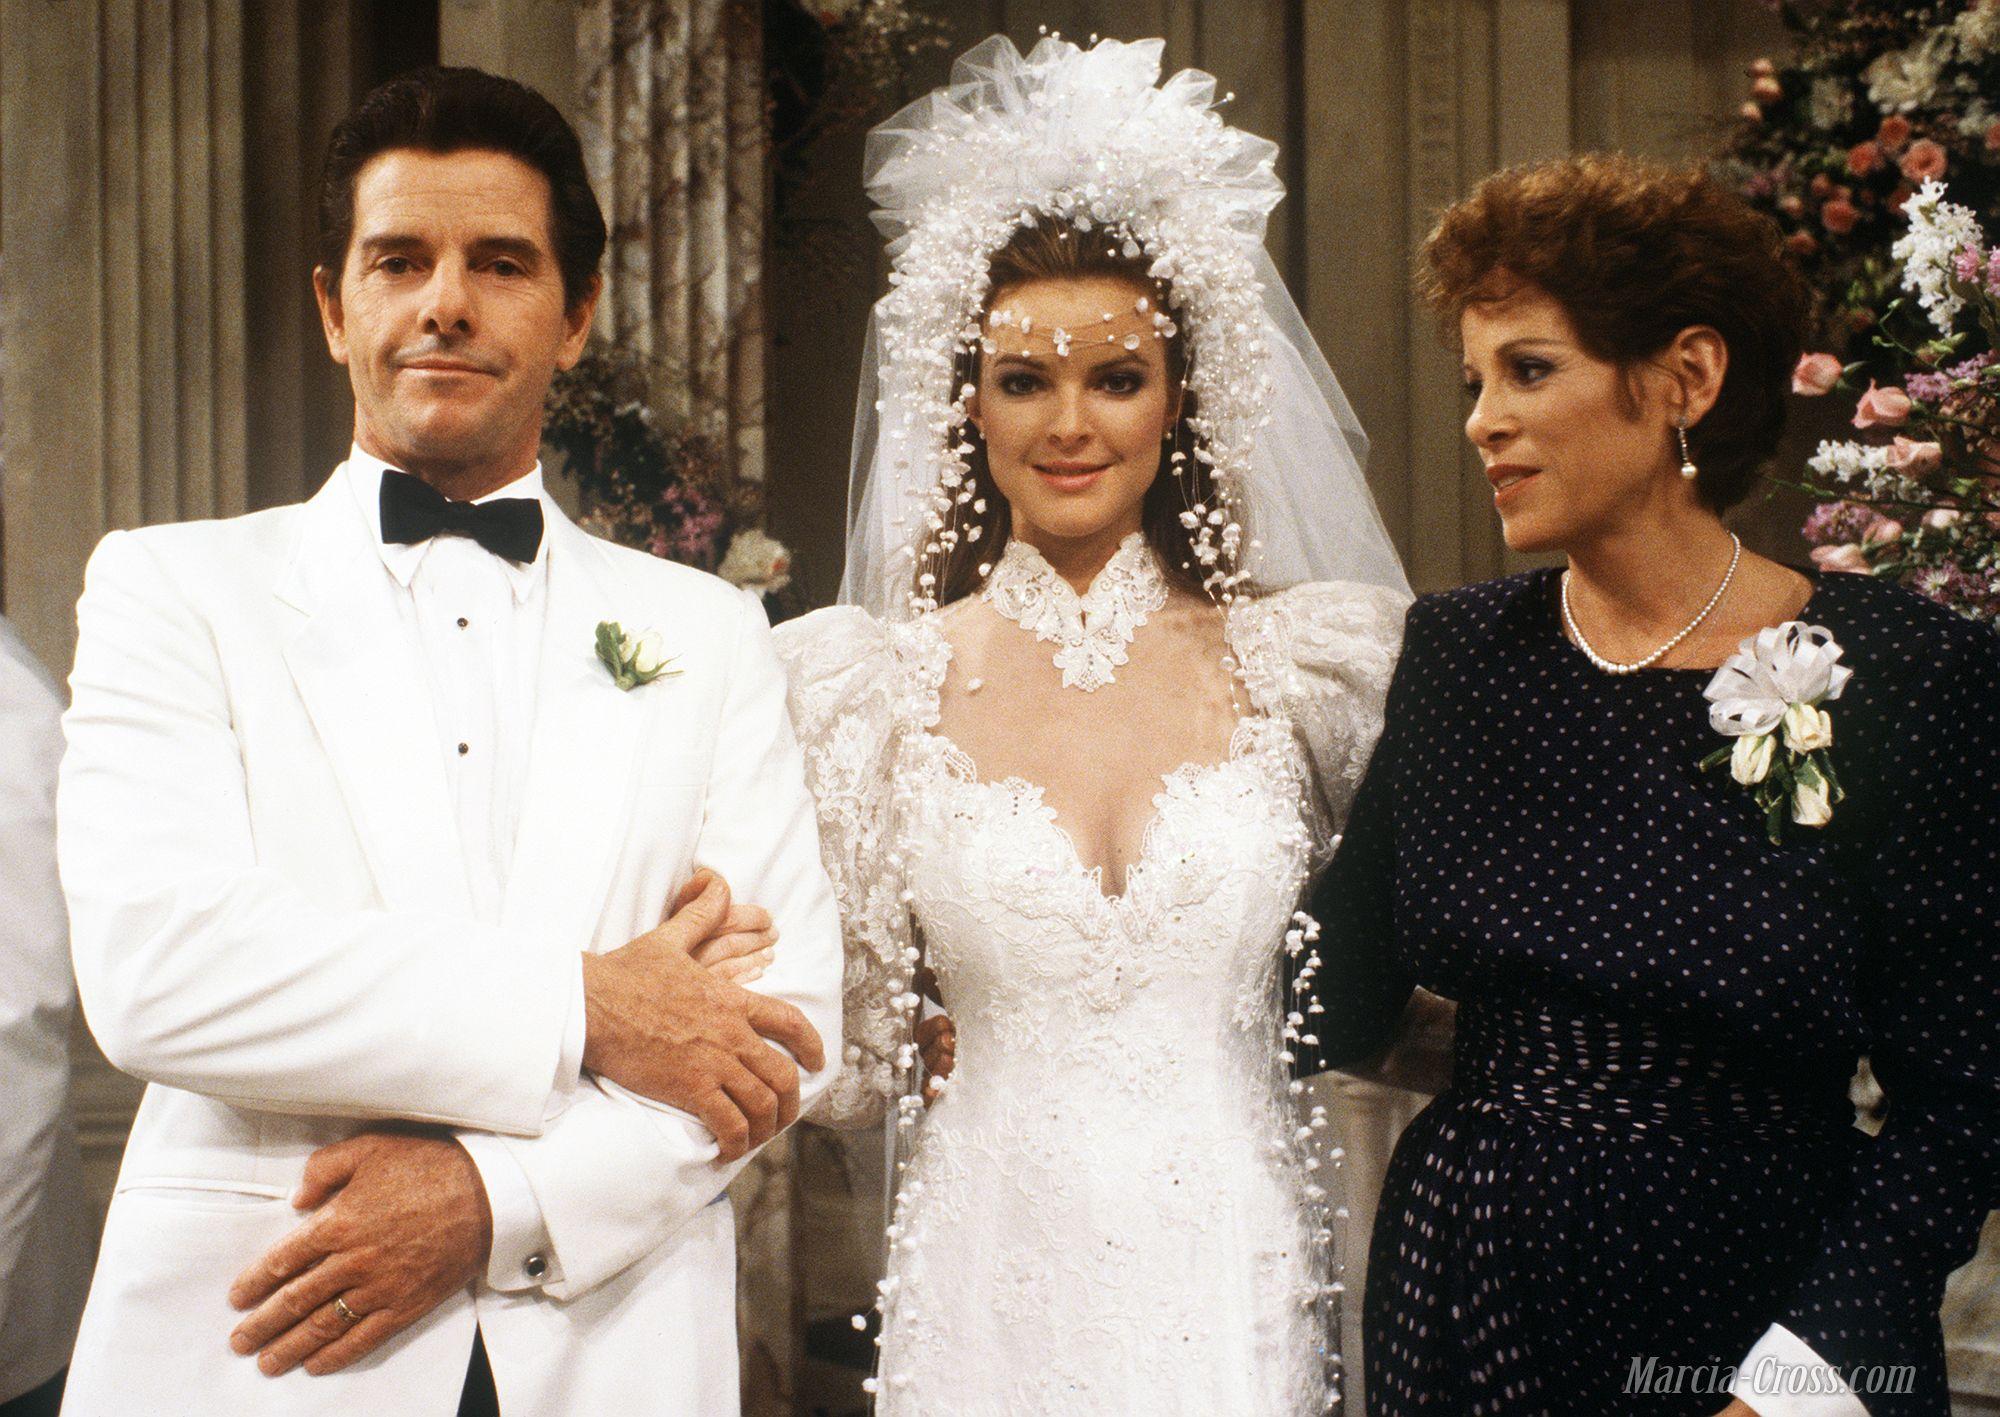 Marcia wedding